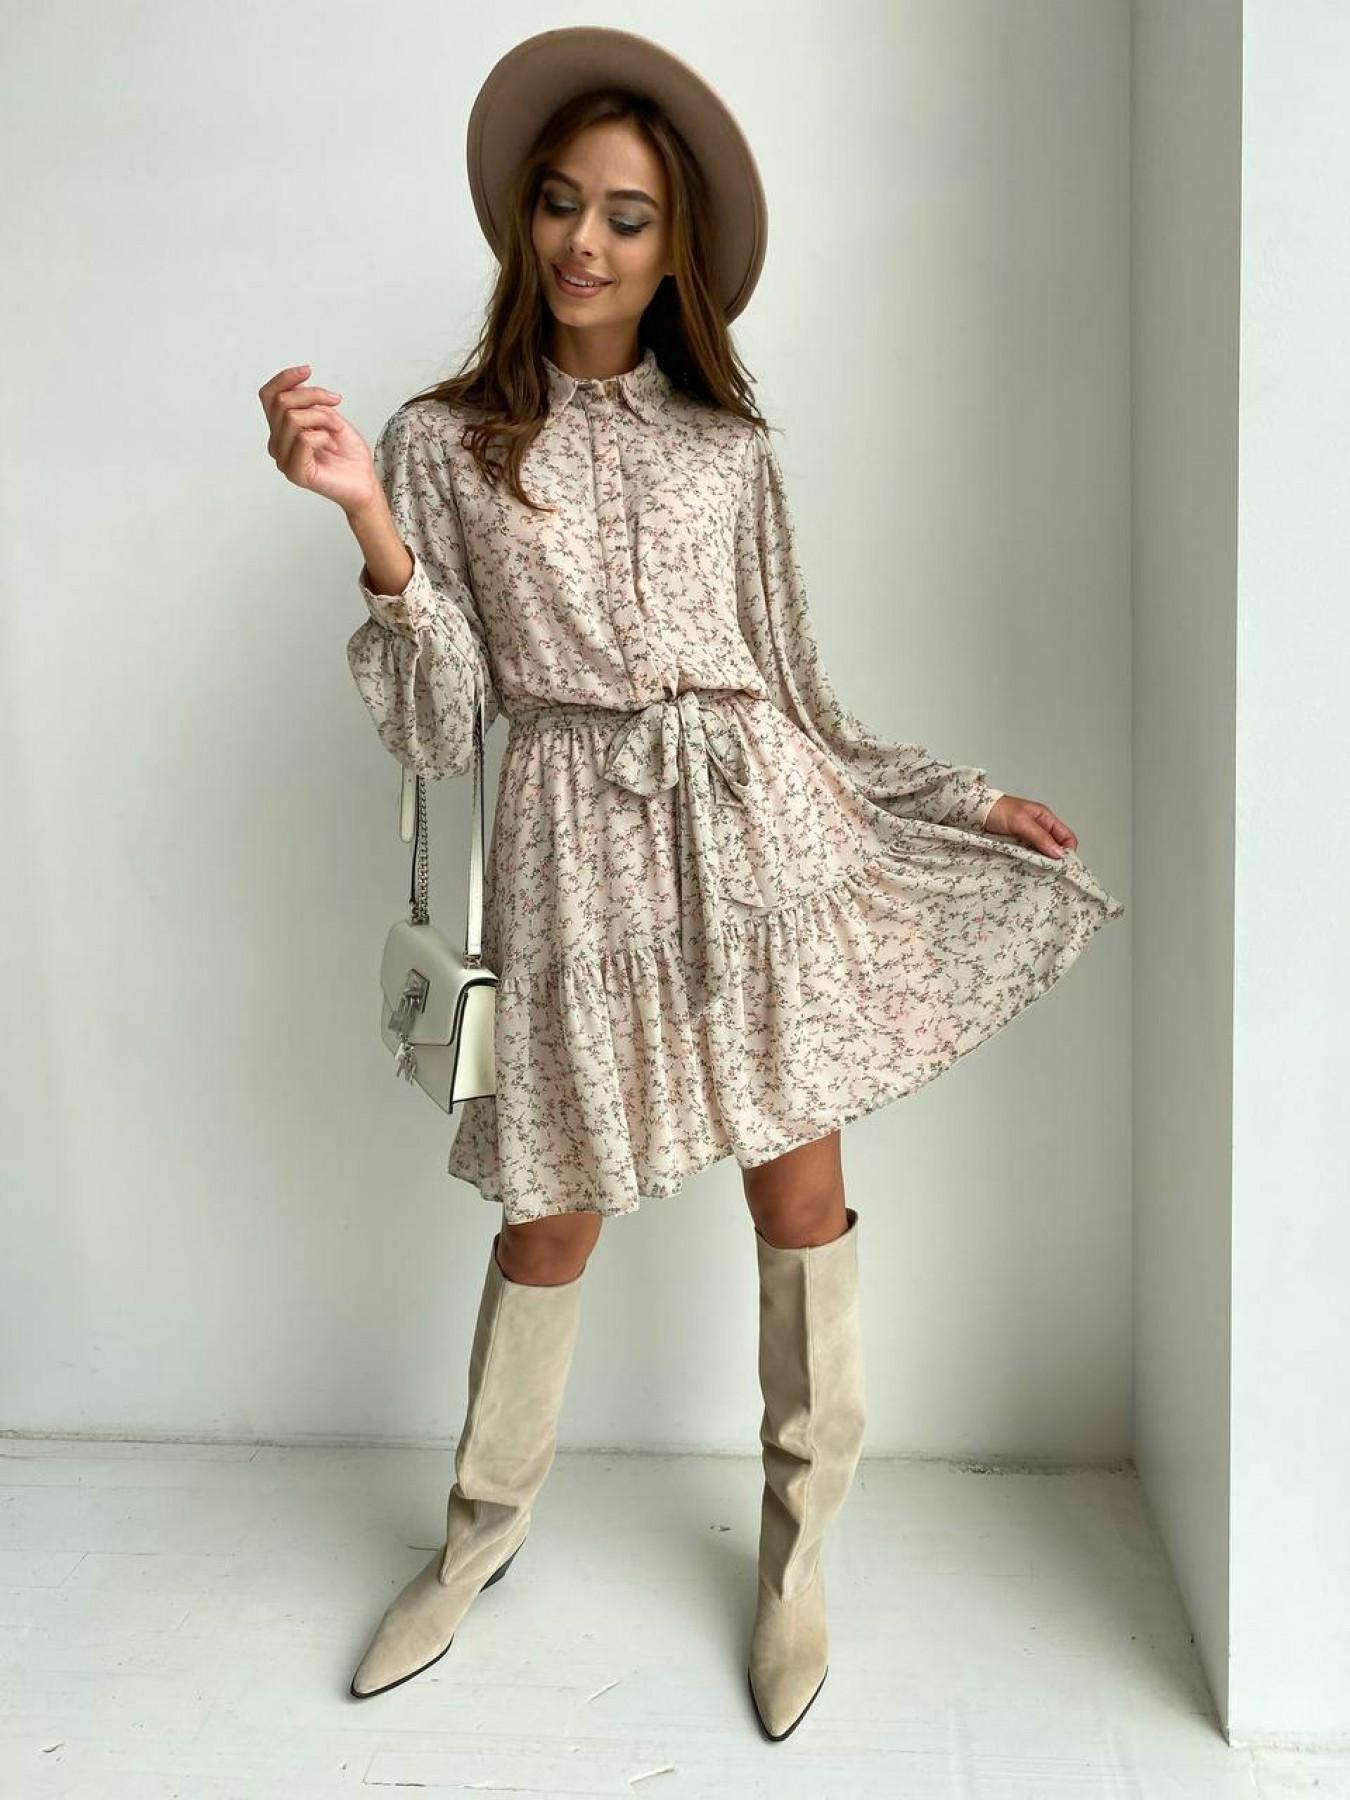 Молизе платье из шифона длиной мини с длинным рукавом в цветочной расцветке 11683 АРТ. 48412 Цвет: Бежевый/букетики - фото 5, интернет магазин tm-modus.ru